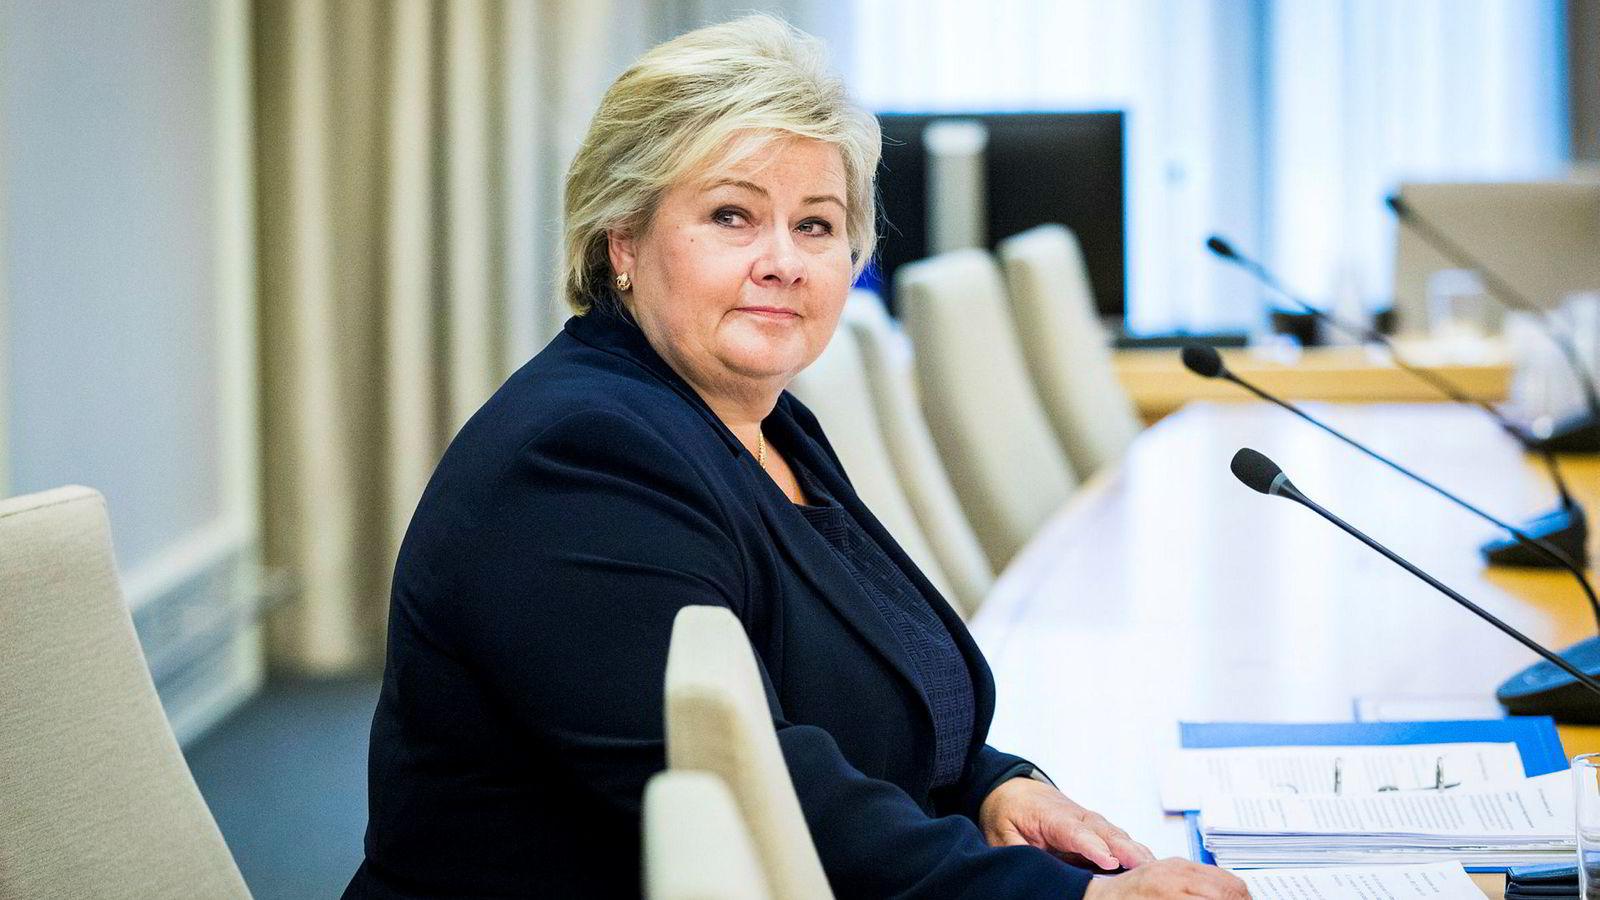 Statsminister Erna Solberg var til stede under forrige høring sammen med en rekke andre nåværende og tidligere medlemmer av regjeringen.